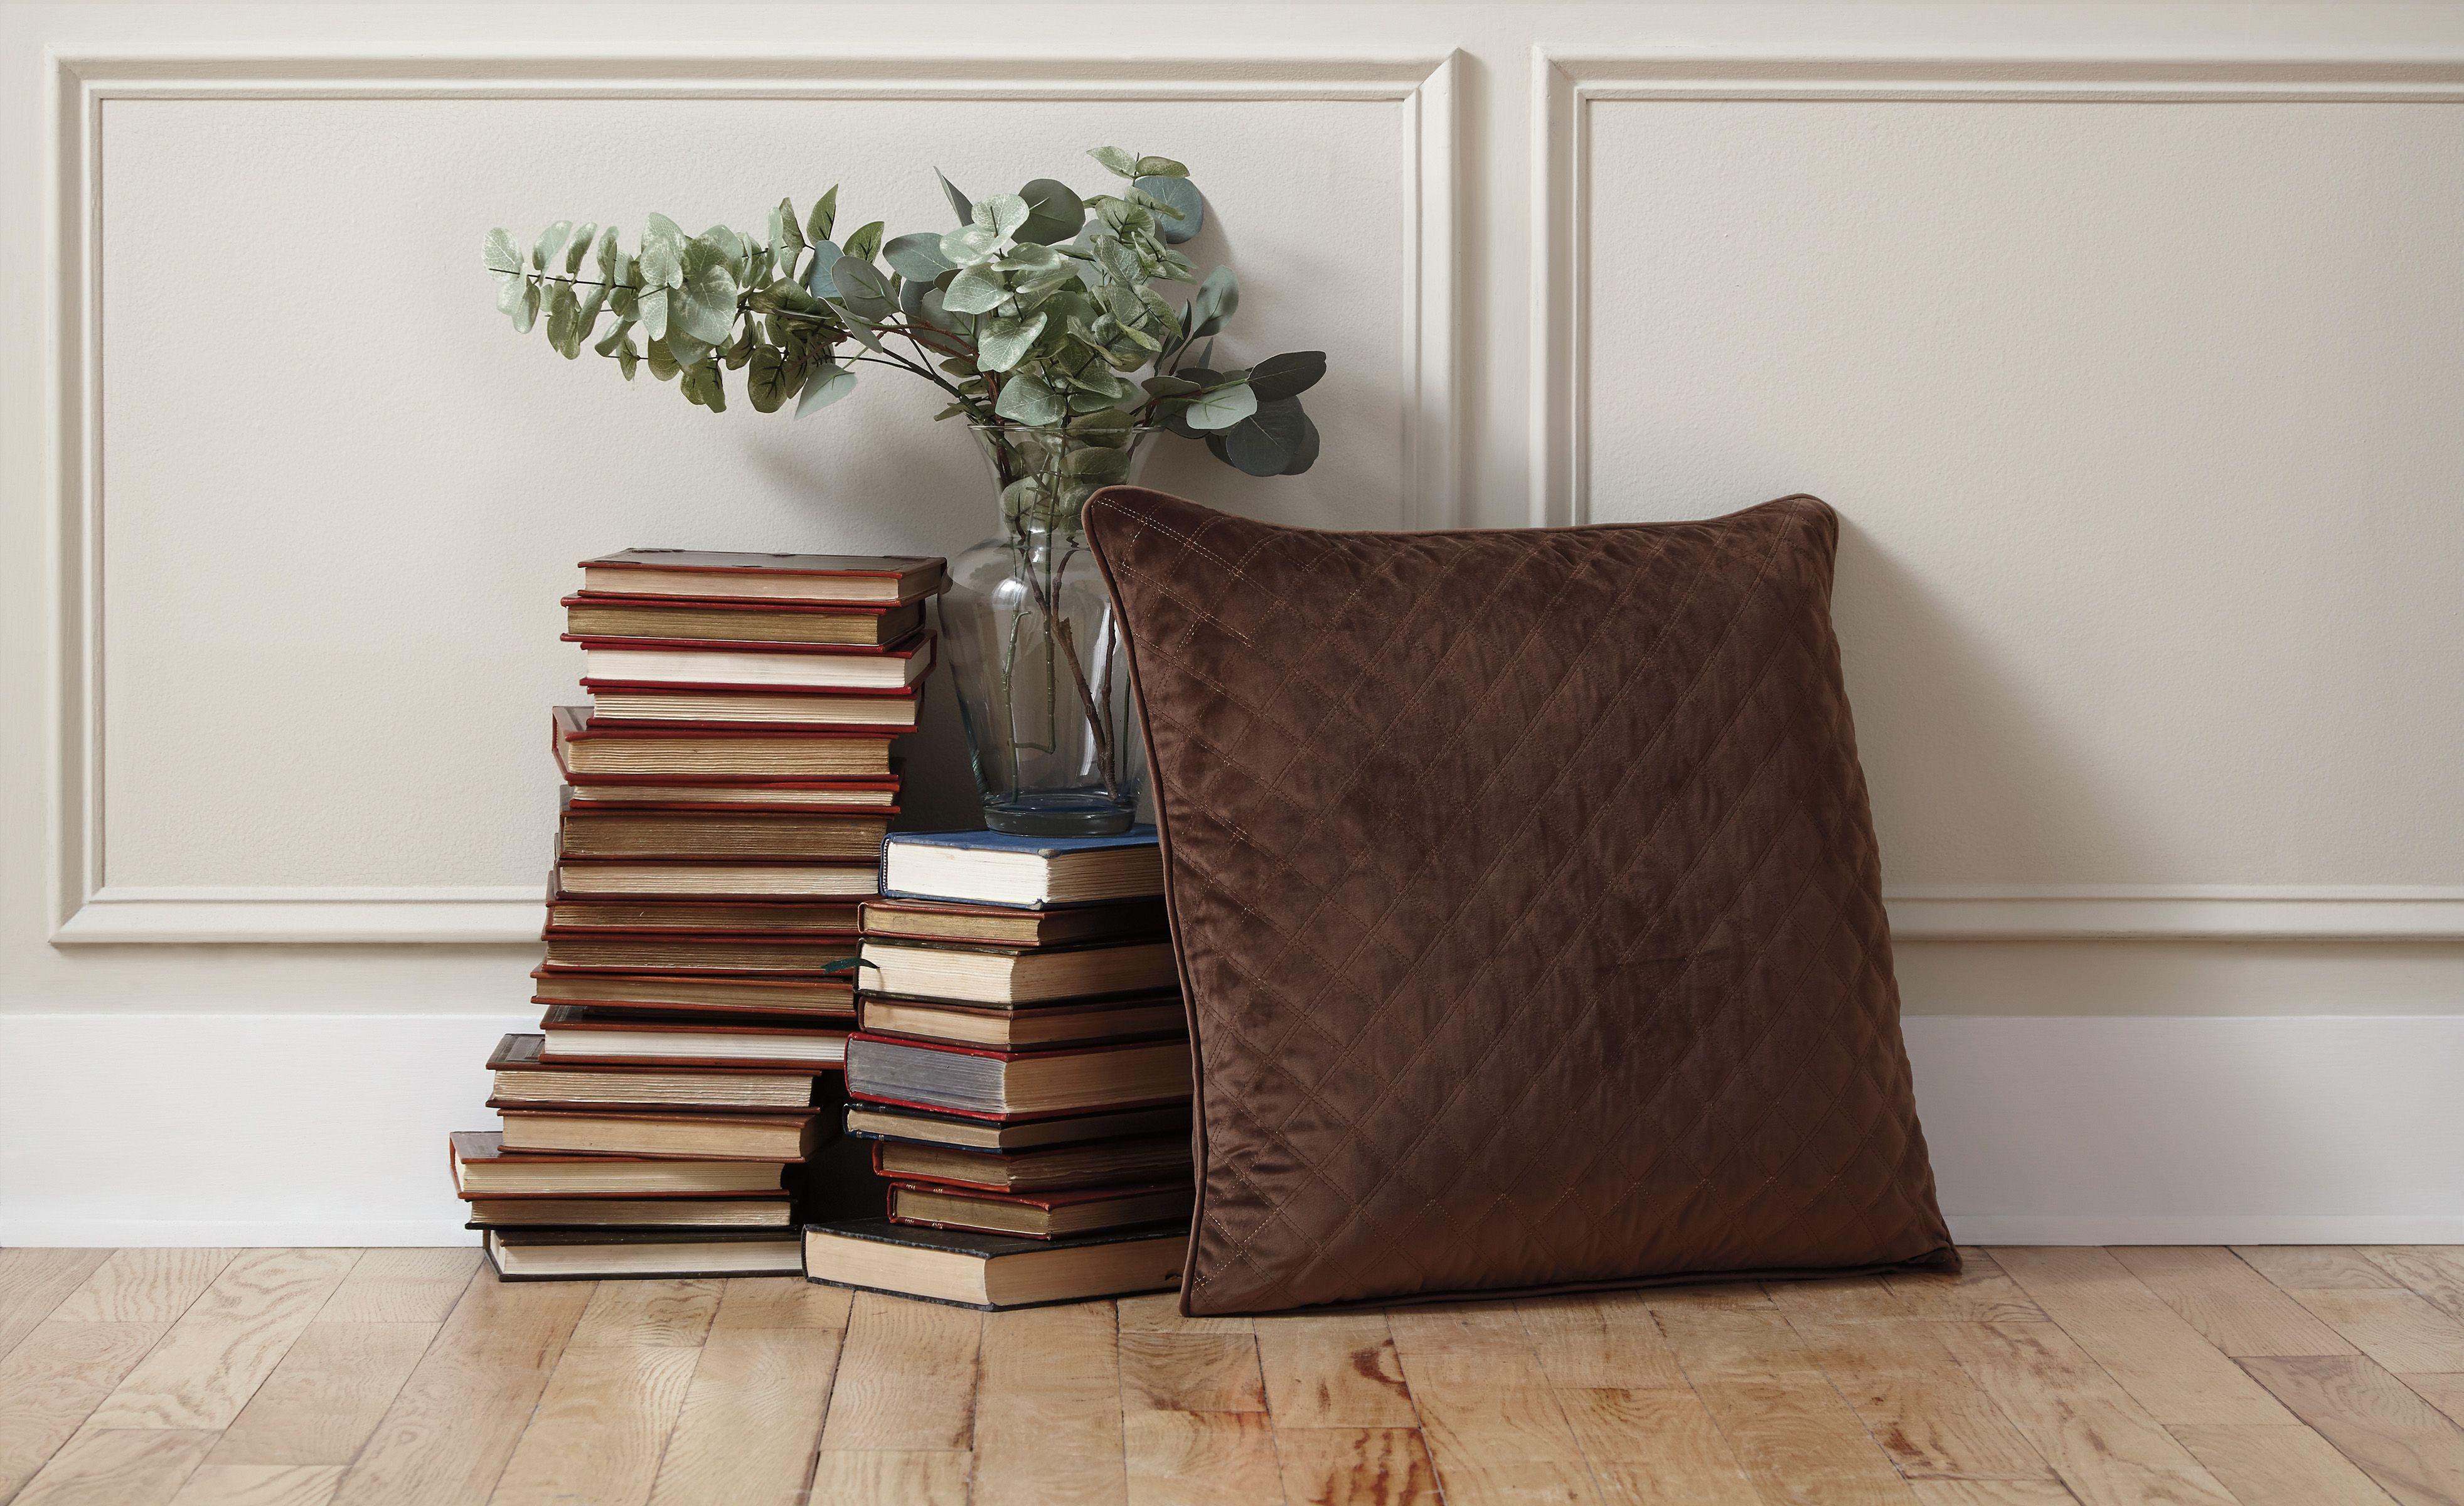 piercetown pillow in brown by ashley couette en losange coussins d eacute coratifs coussins